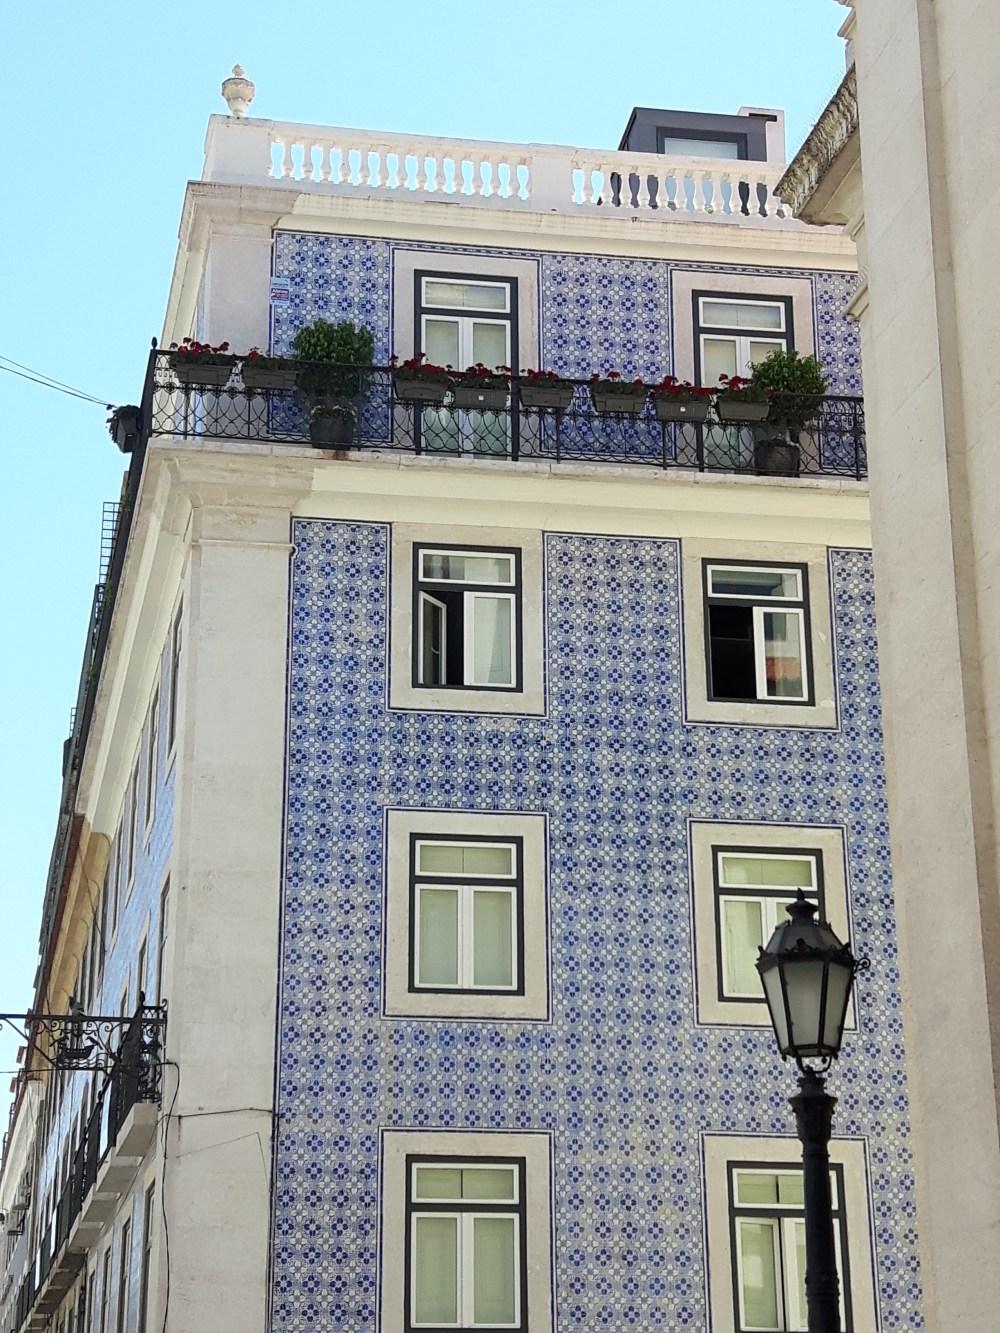 Façades arborant les azulejos...